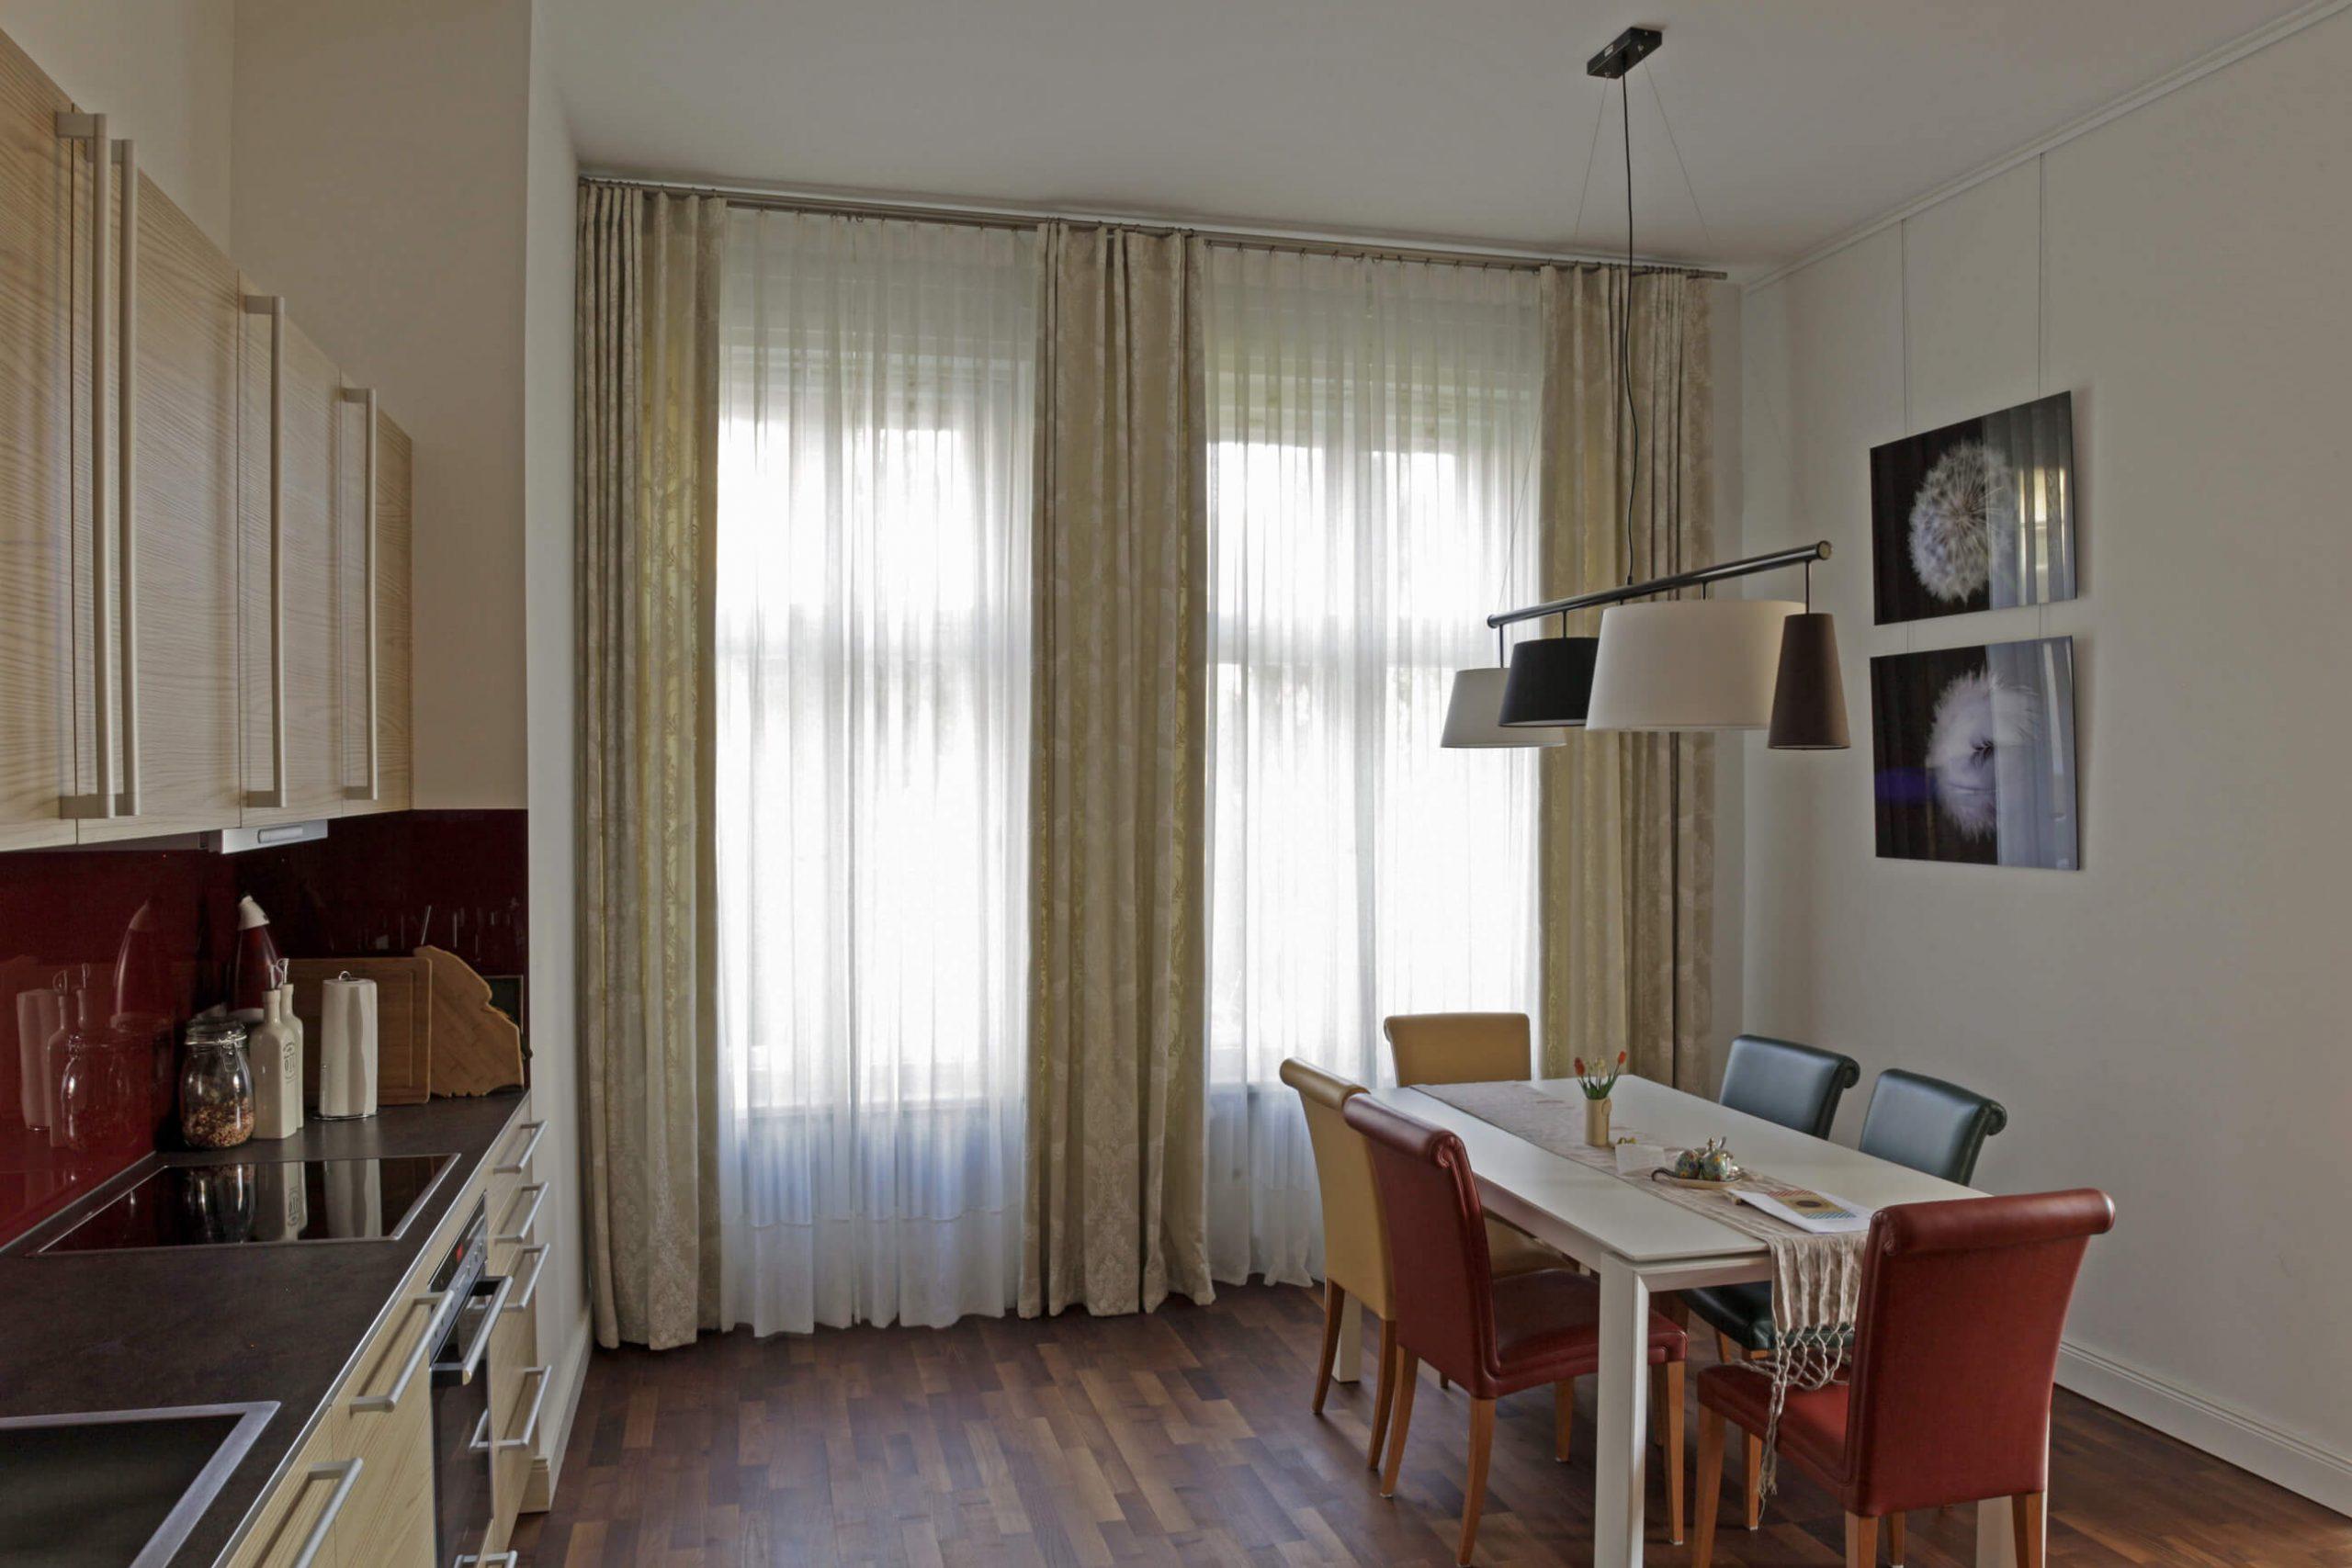 Full Size of Küchenvorhänge Landhaus Kchengardinen Aus Leinen Raumausstatter Berlin Adler Wohnzimmer Küchenvorhänge